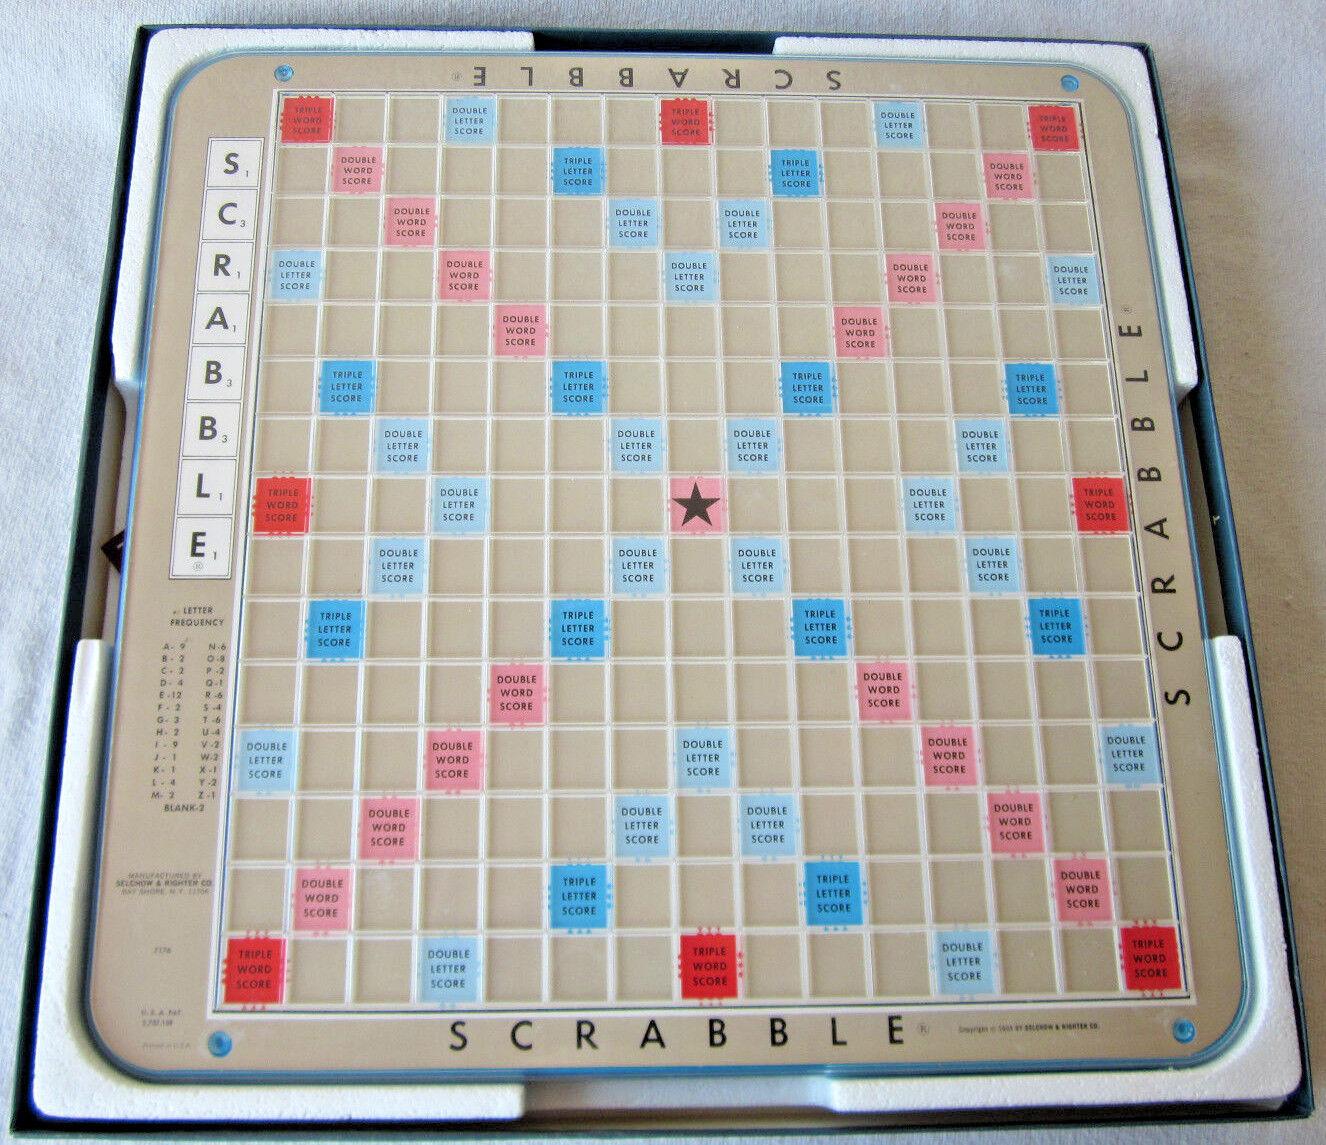 Jahrgang 1977 scrabble - deluxe edition drehscheibe brettspiel selchow & rechter.